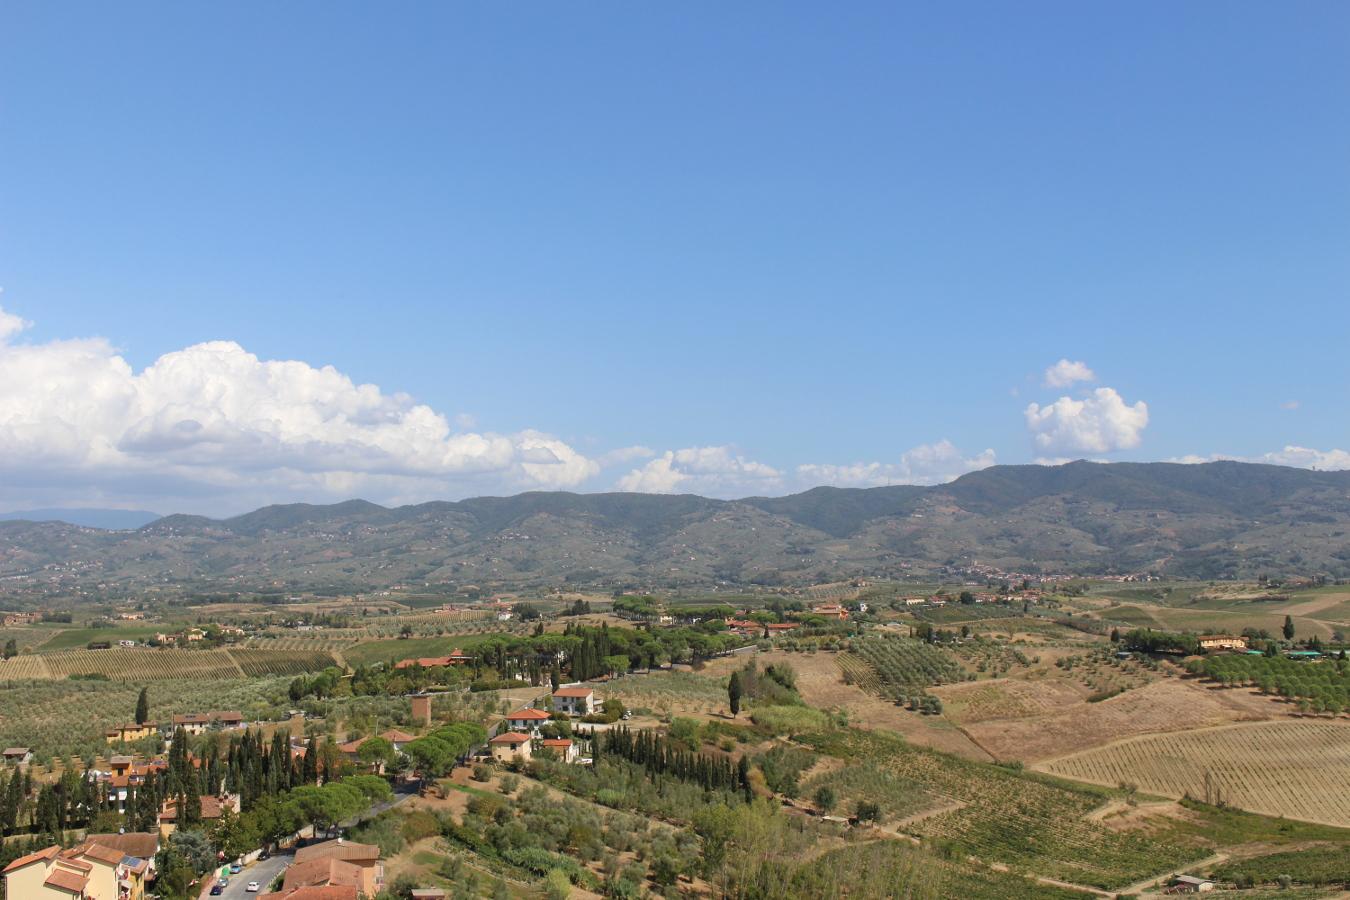 vista dal campanile Cerreto Guidi